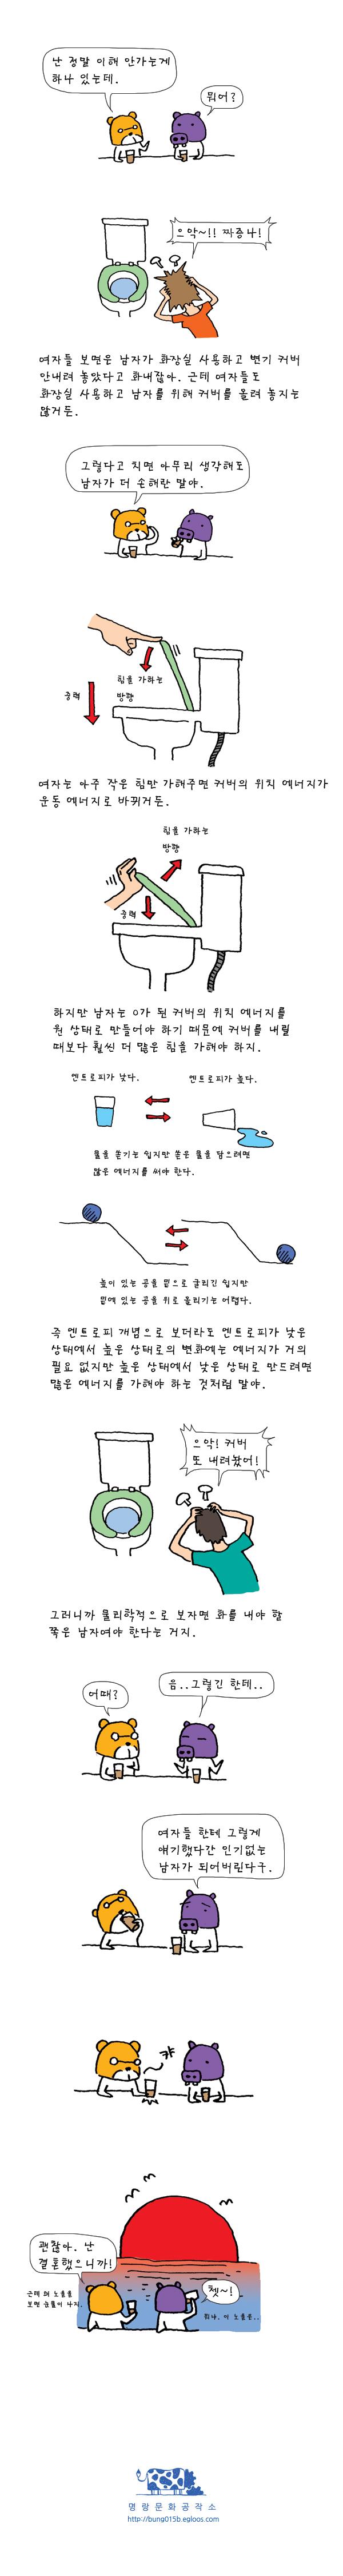 김작가의 모노로그, (1) 화장실 예절